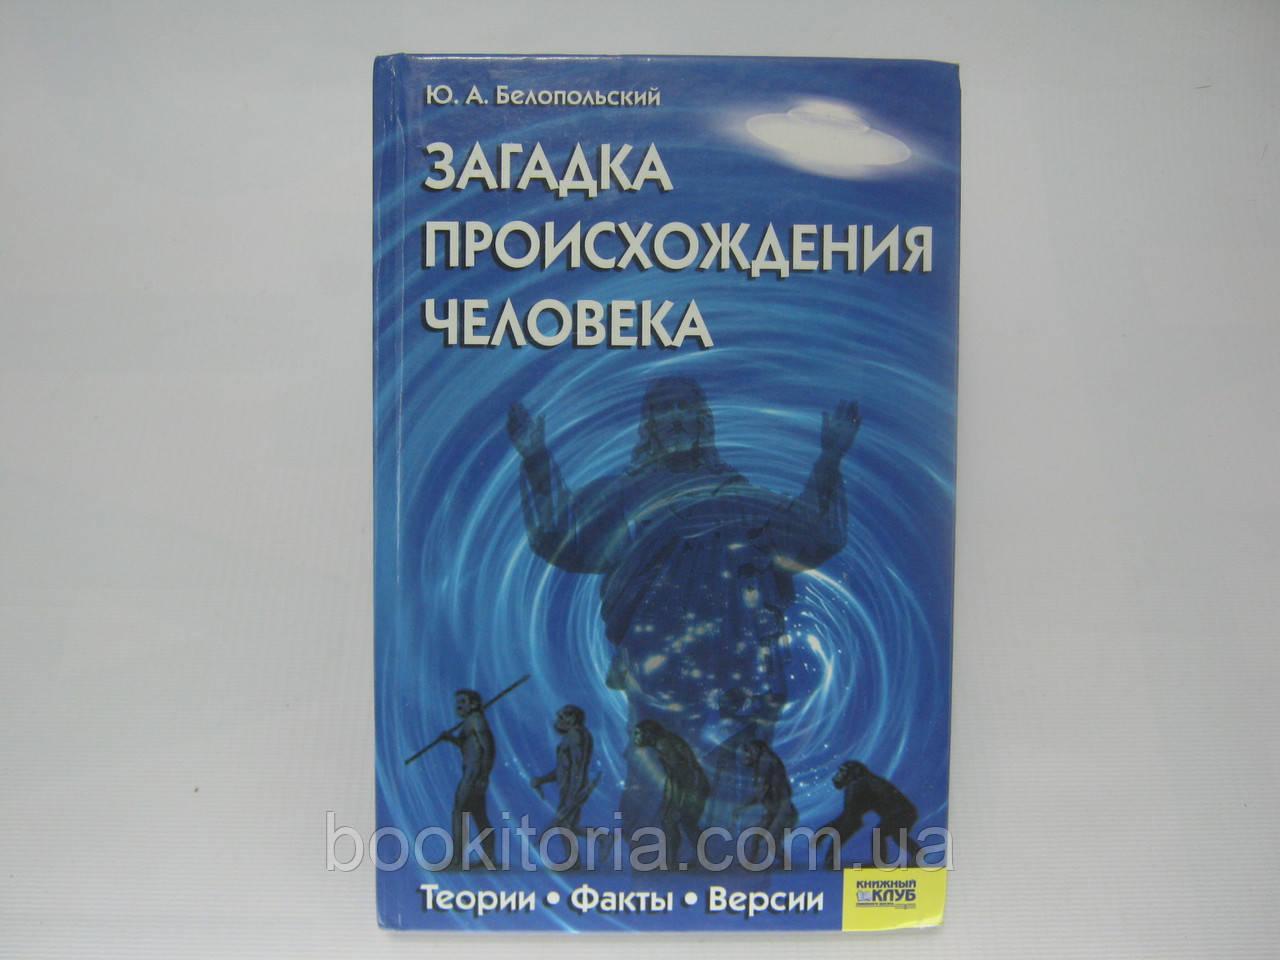 Белопольский Ю.А. Загадка происхождения человека. Теории. Факты. Версии (б/у).